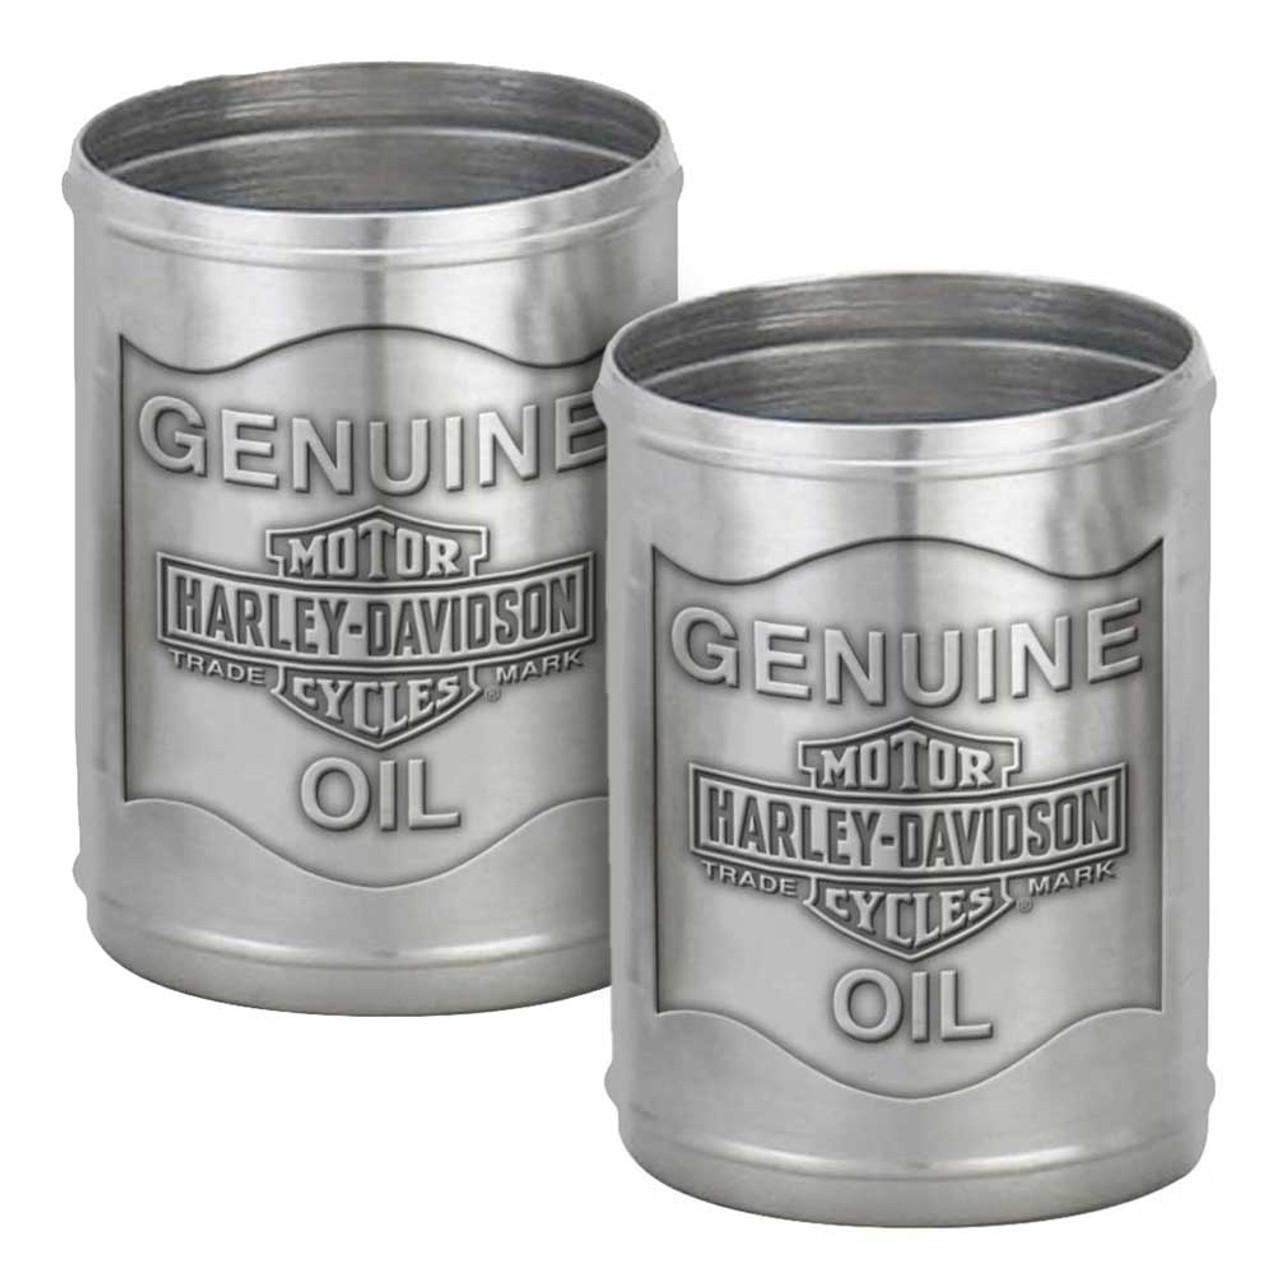 Harley-Davidson Custom Tooled Pewter Oil Can Shot Glass Set 2.3 oz HDL-18805